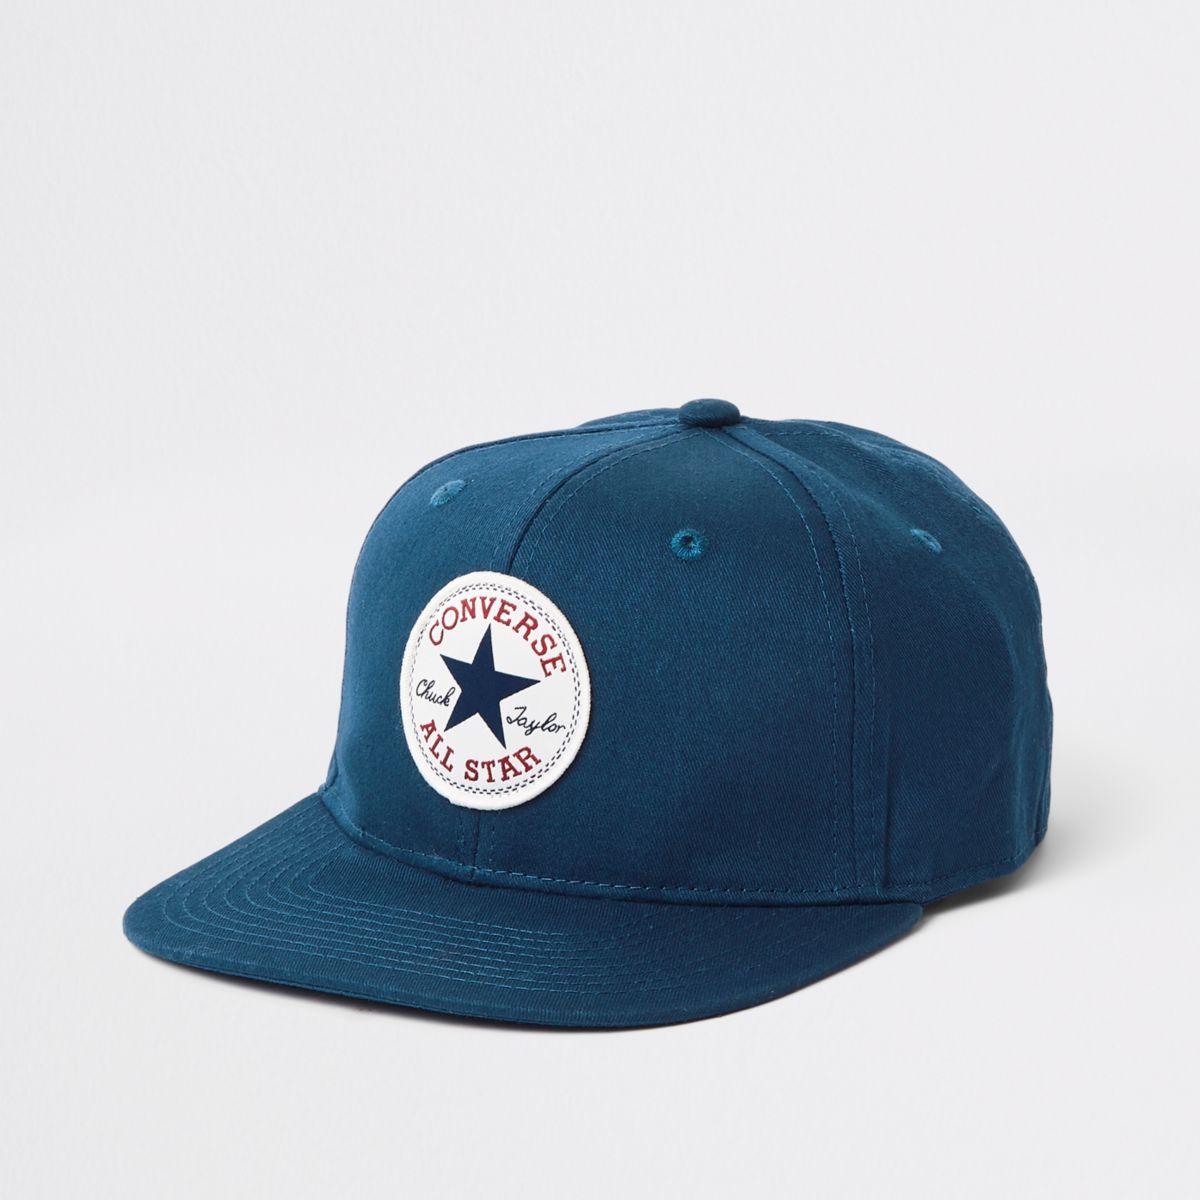 Boys navy Converse flat peak cap